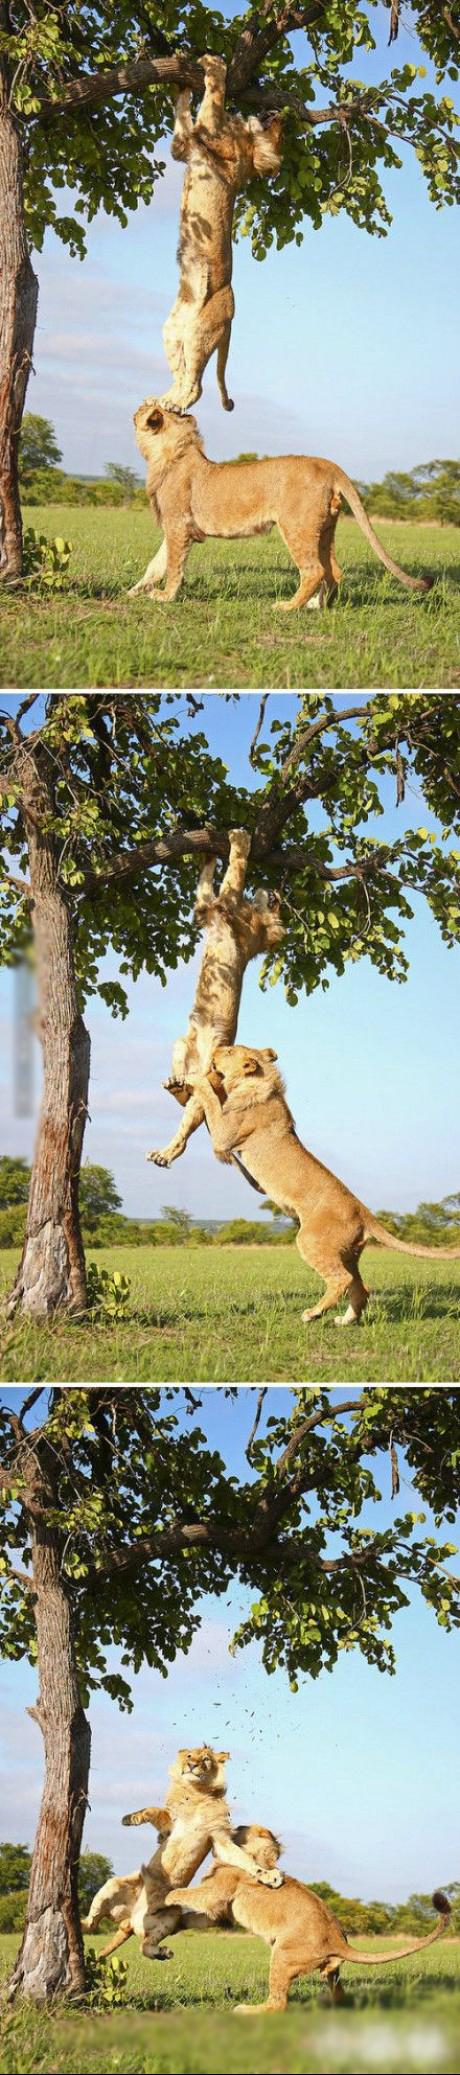 孩子,大树不是你想爬,想爬就能爬的啊~